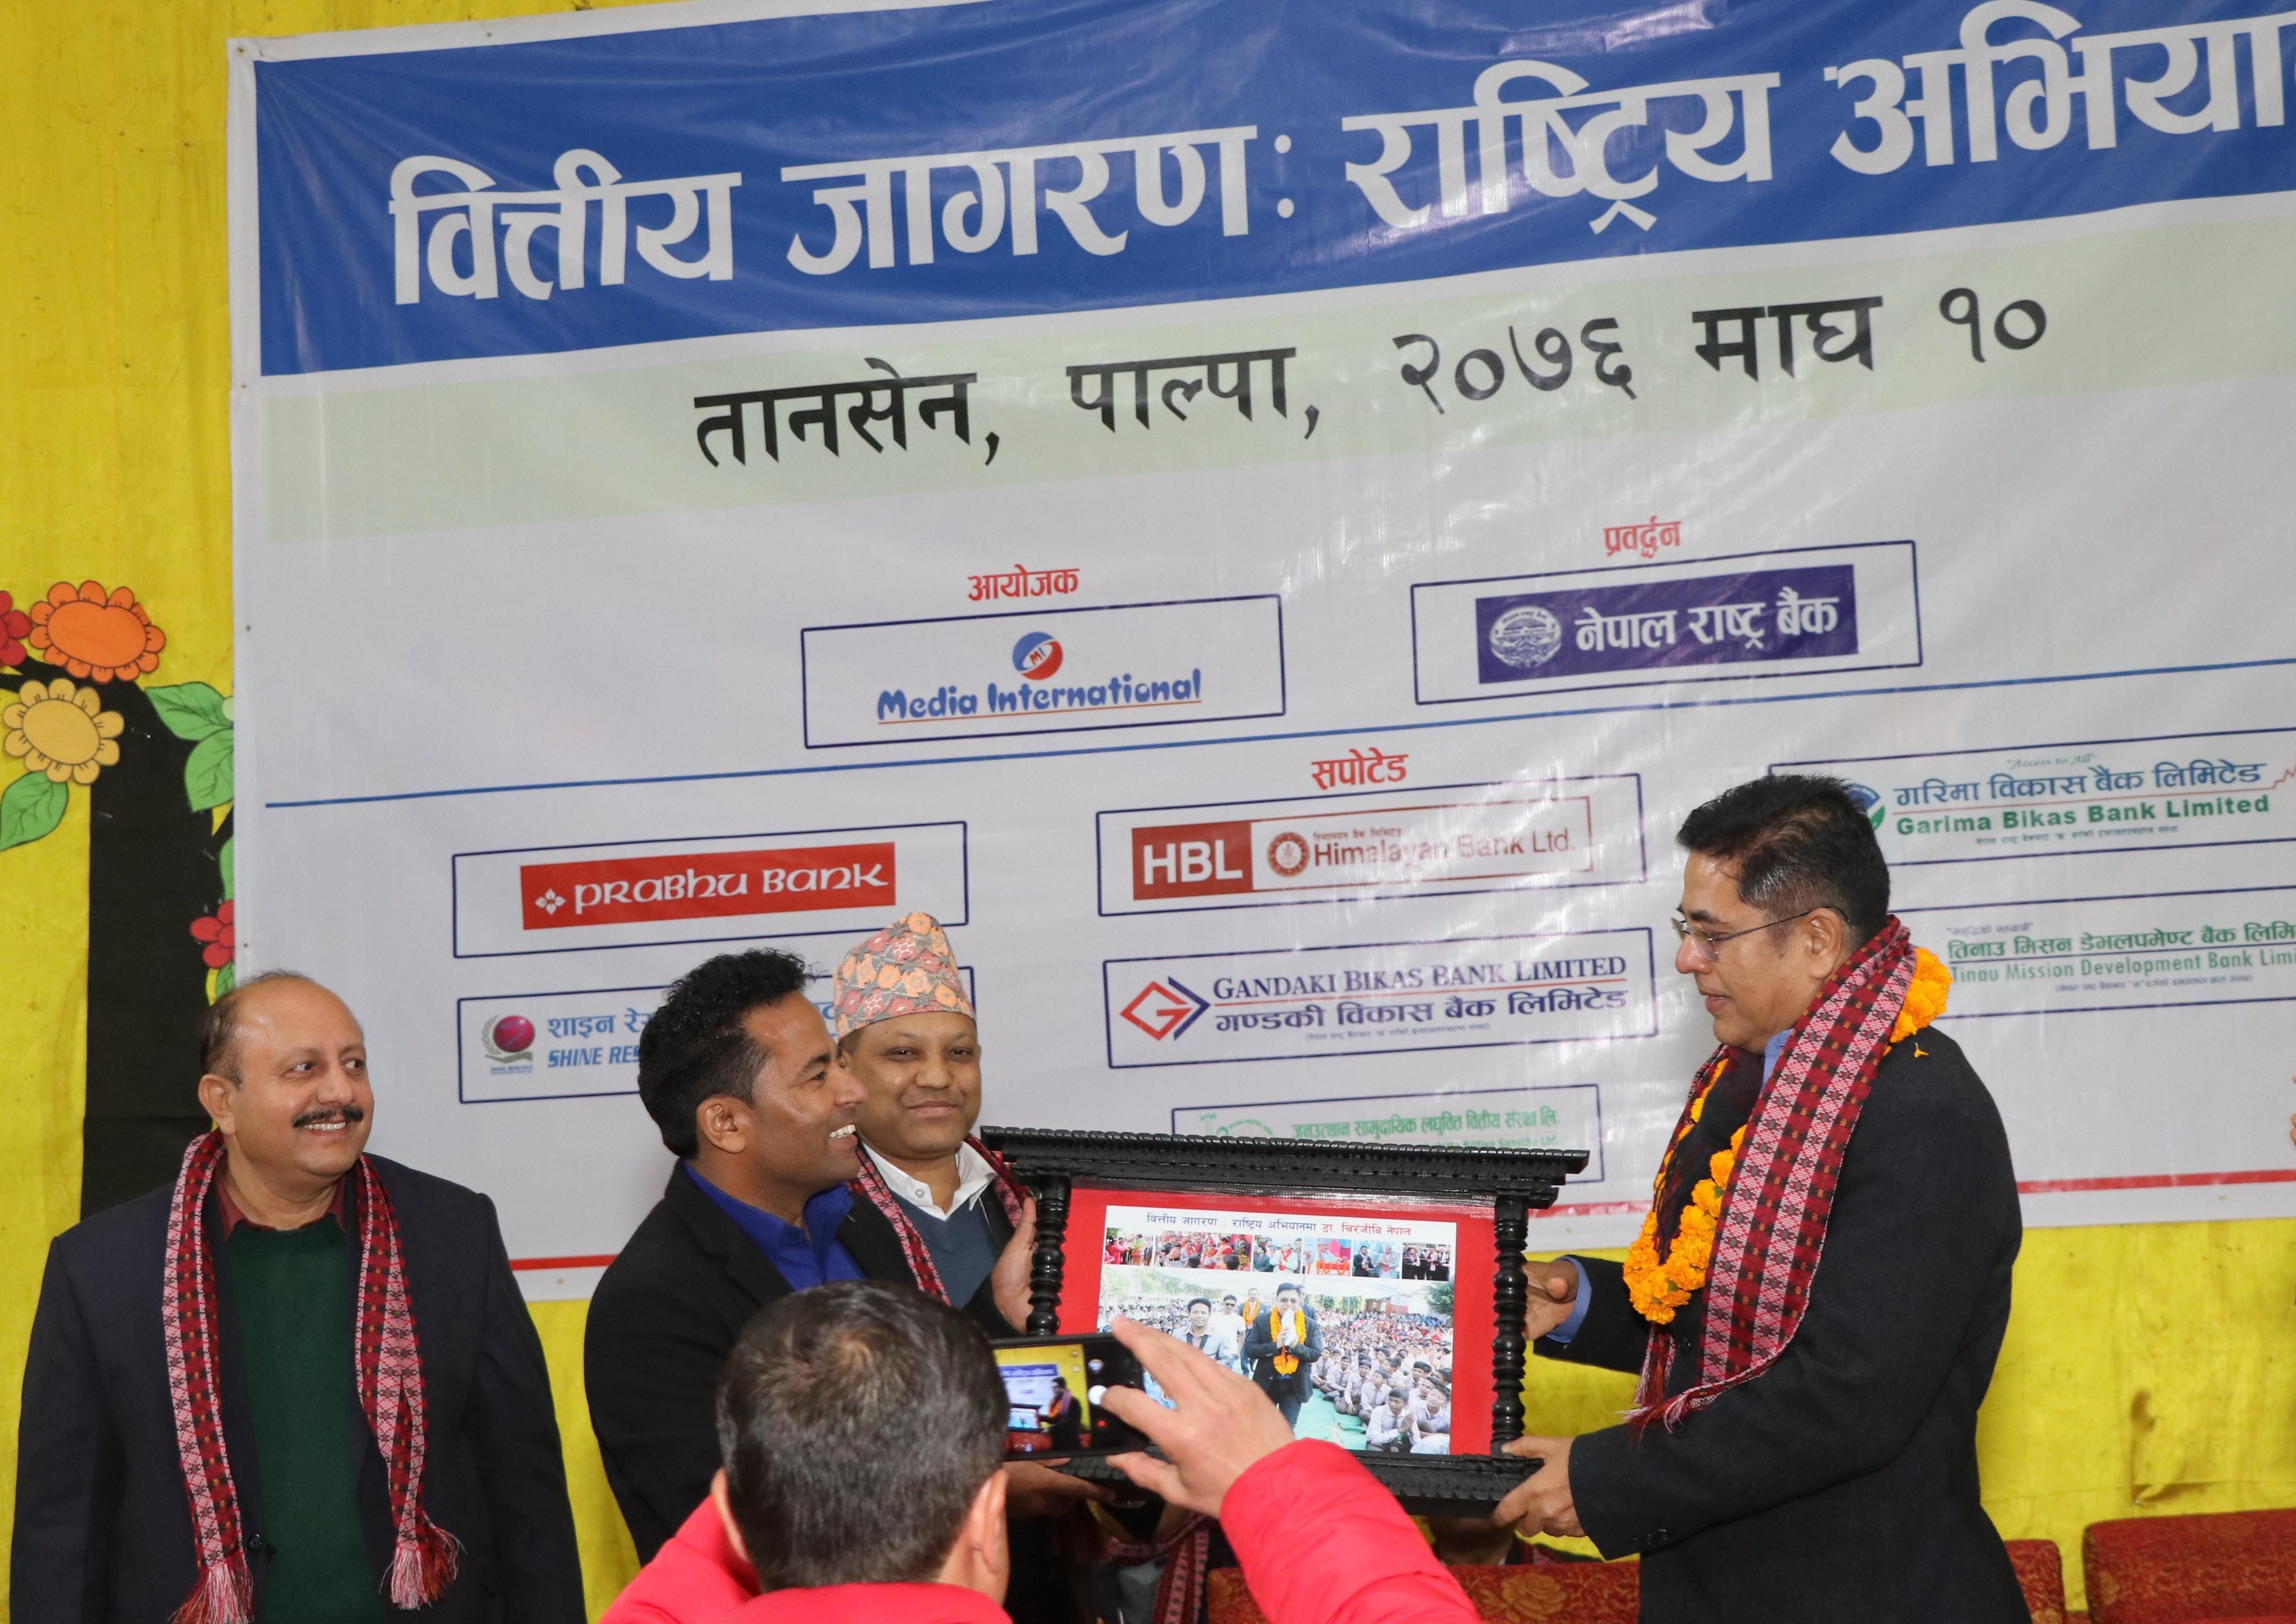 गभर्नर नेपाल भन्छन्ः समृद्धिका लागि वित्तीय जागरण